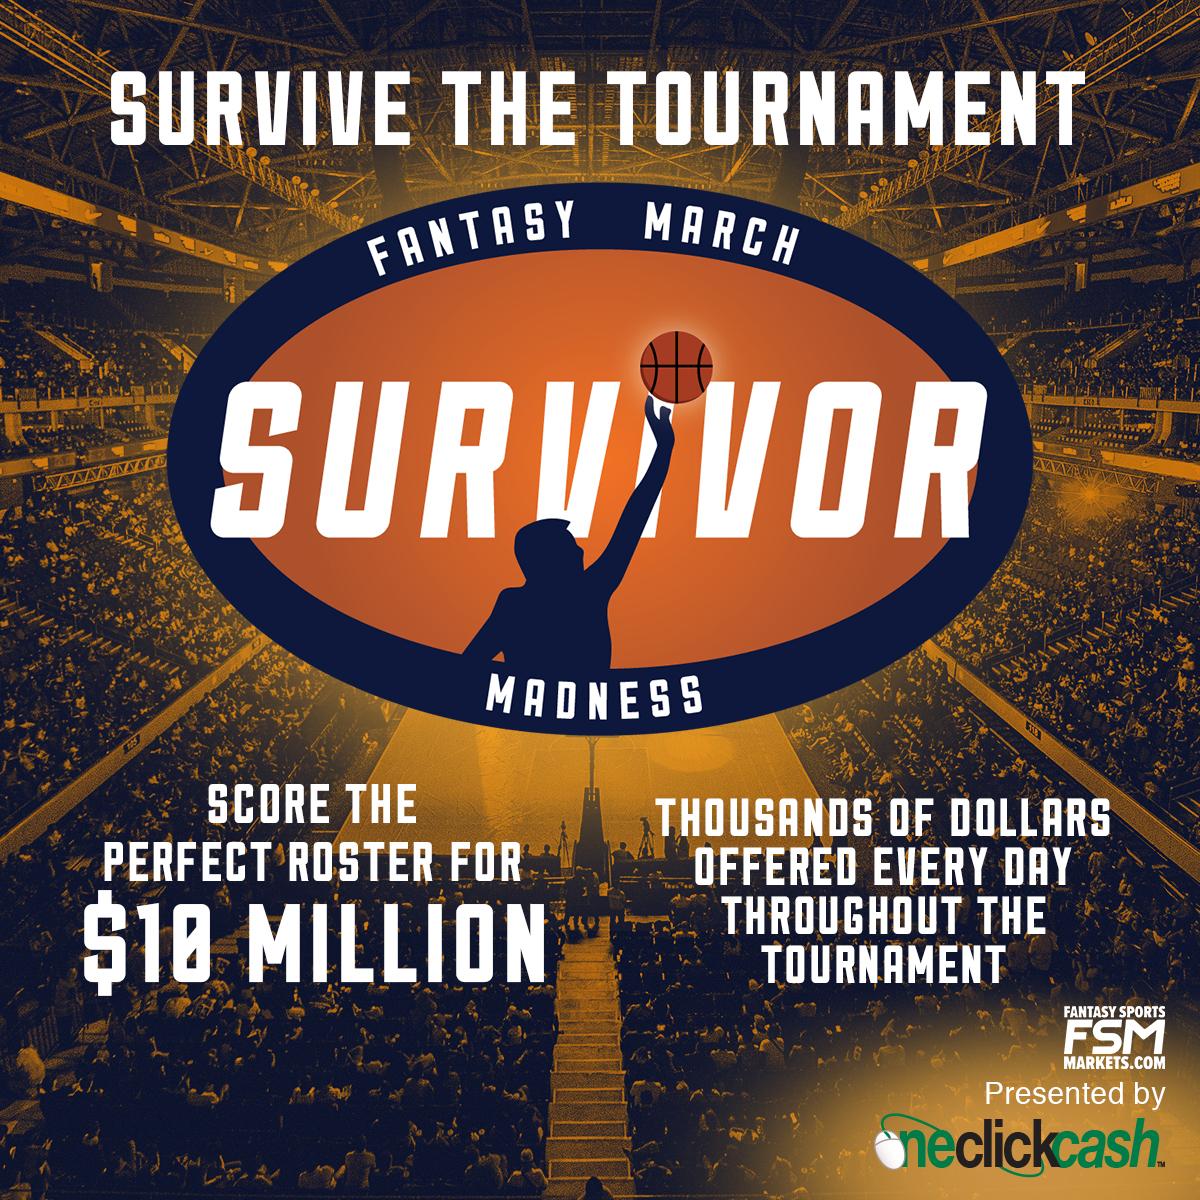 Survive-The-Tournament-1200x12003